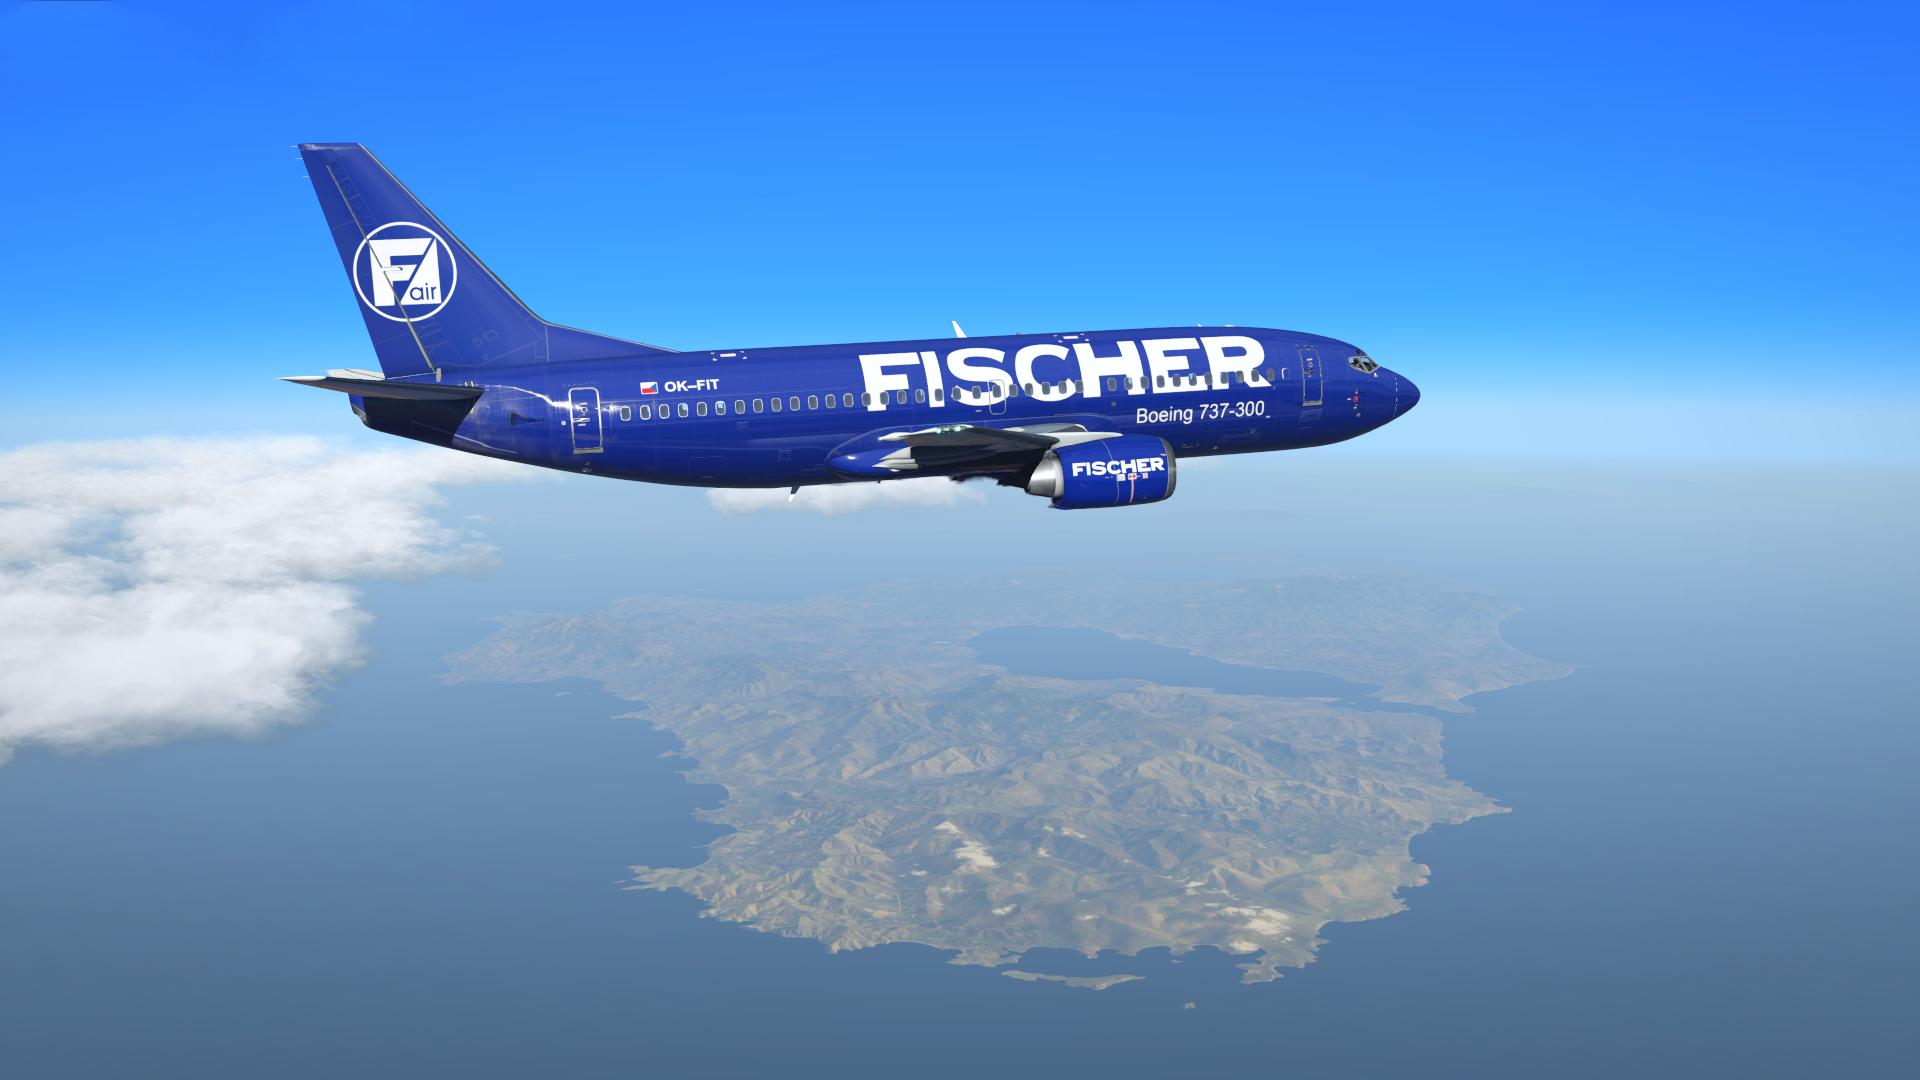 IXEG 737 - Fischer Air (OK-FIT) - Aircraft Skins - Liveries - X-Plane.Org  Forum